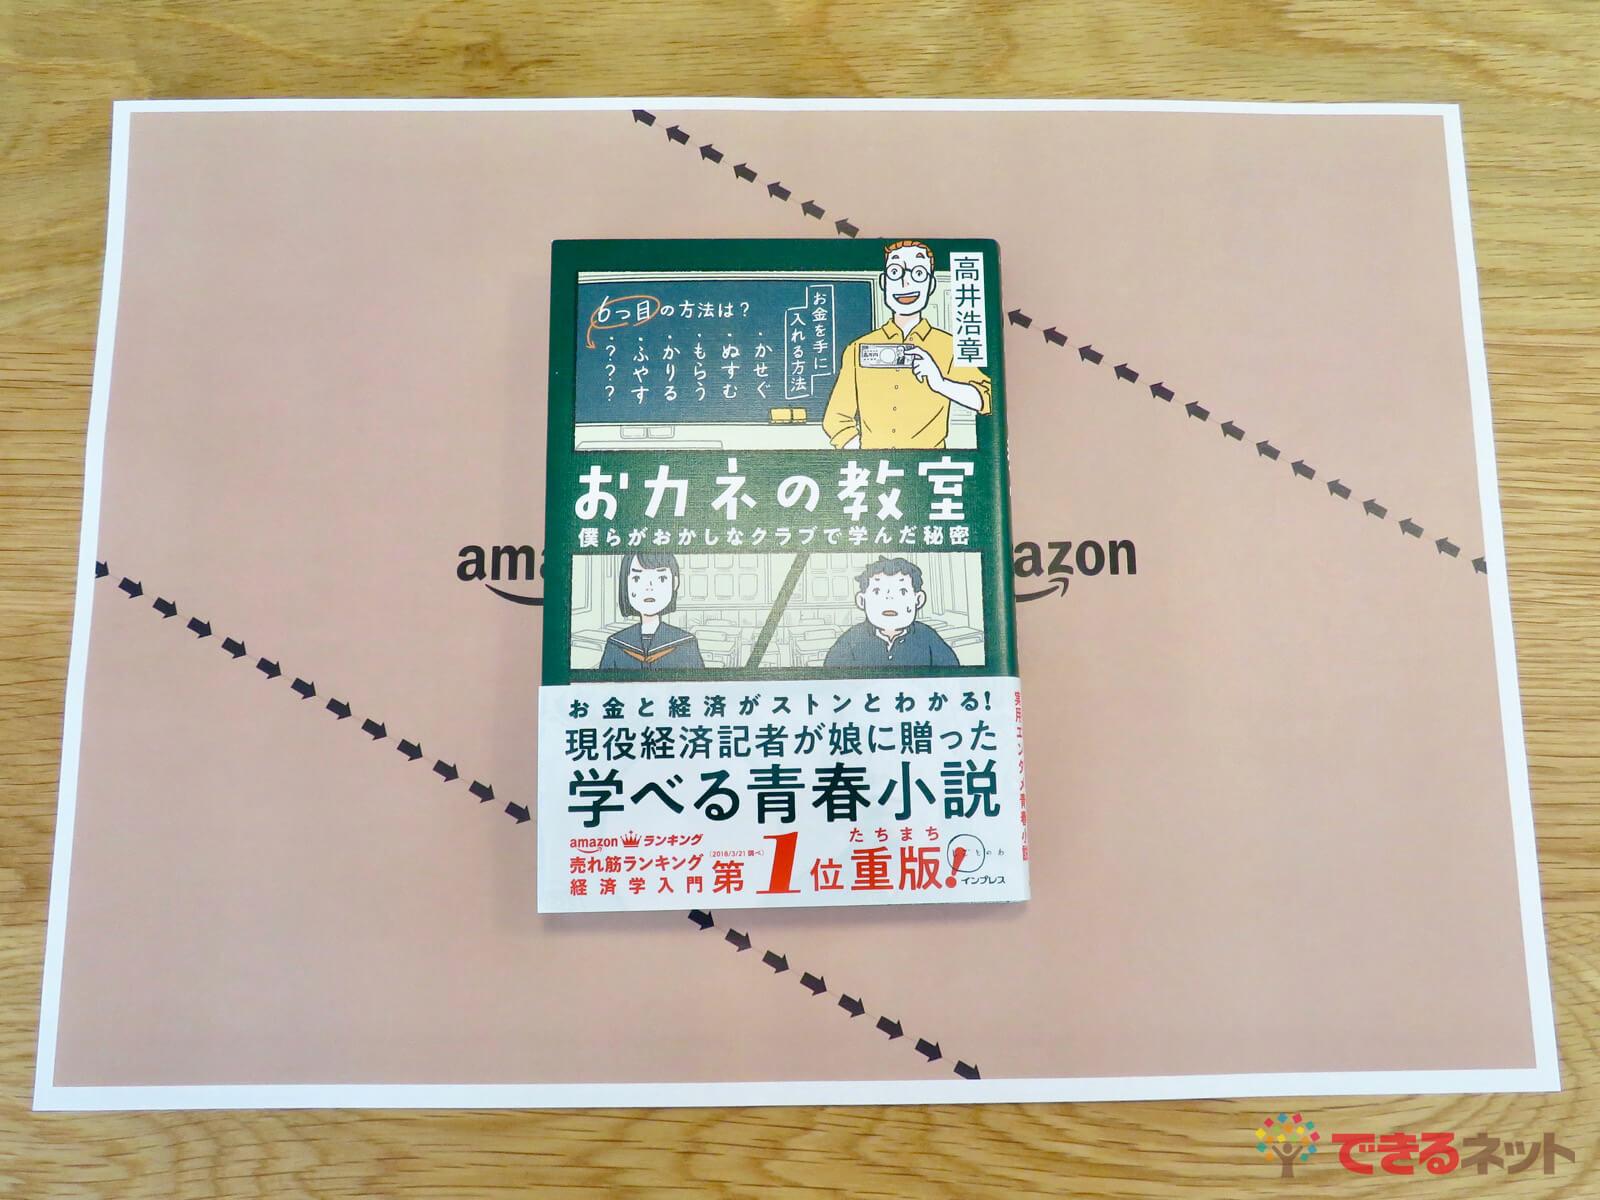 Amazonで本を買ってブックカバーに困っている人! 実は無料のPDFを印刷して自作できます